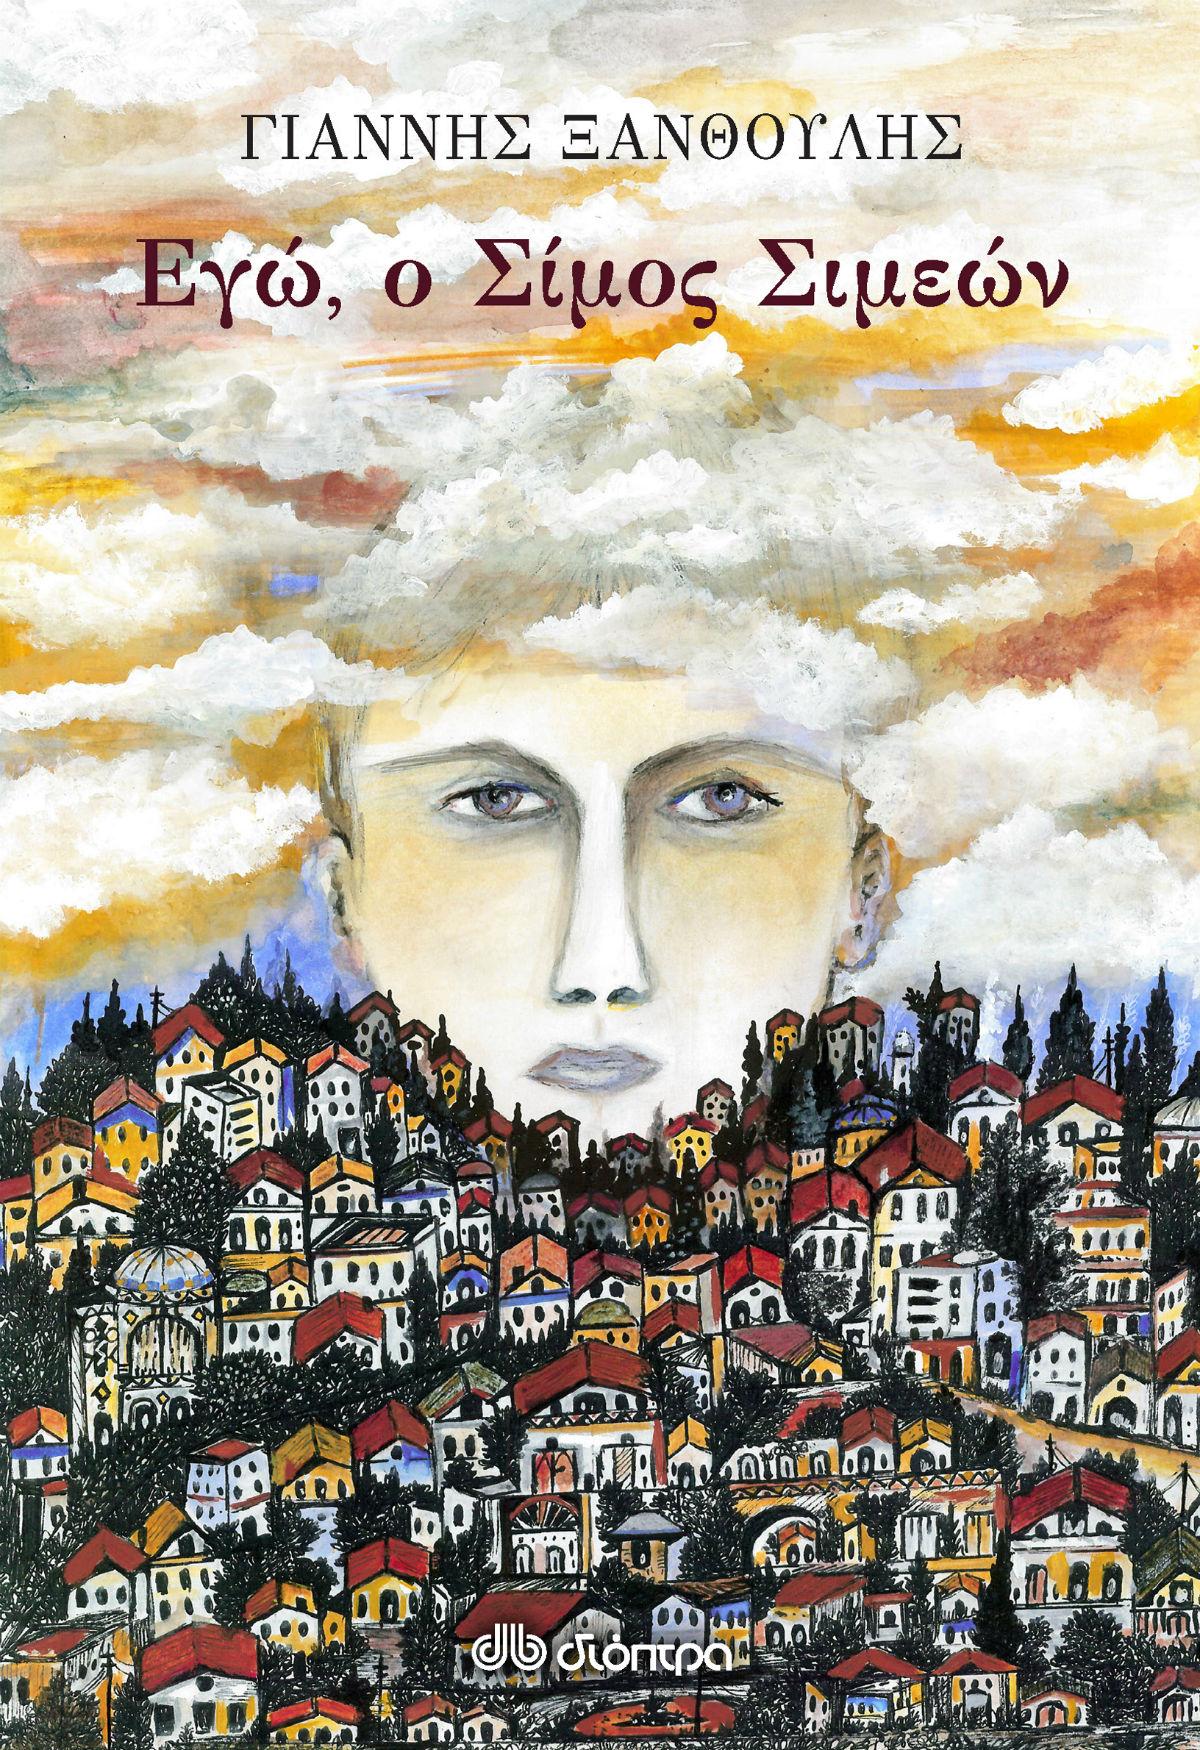 Αγάπη και μίσος στο ίδιο κρανίο: Ο Γιάννης Ξανθούλης μας μιλά για το νέο του βιβλίο Εγώ, ο Σίμος Σιμεών